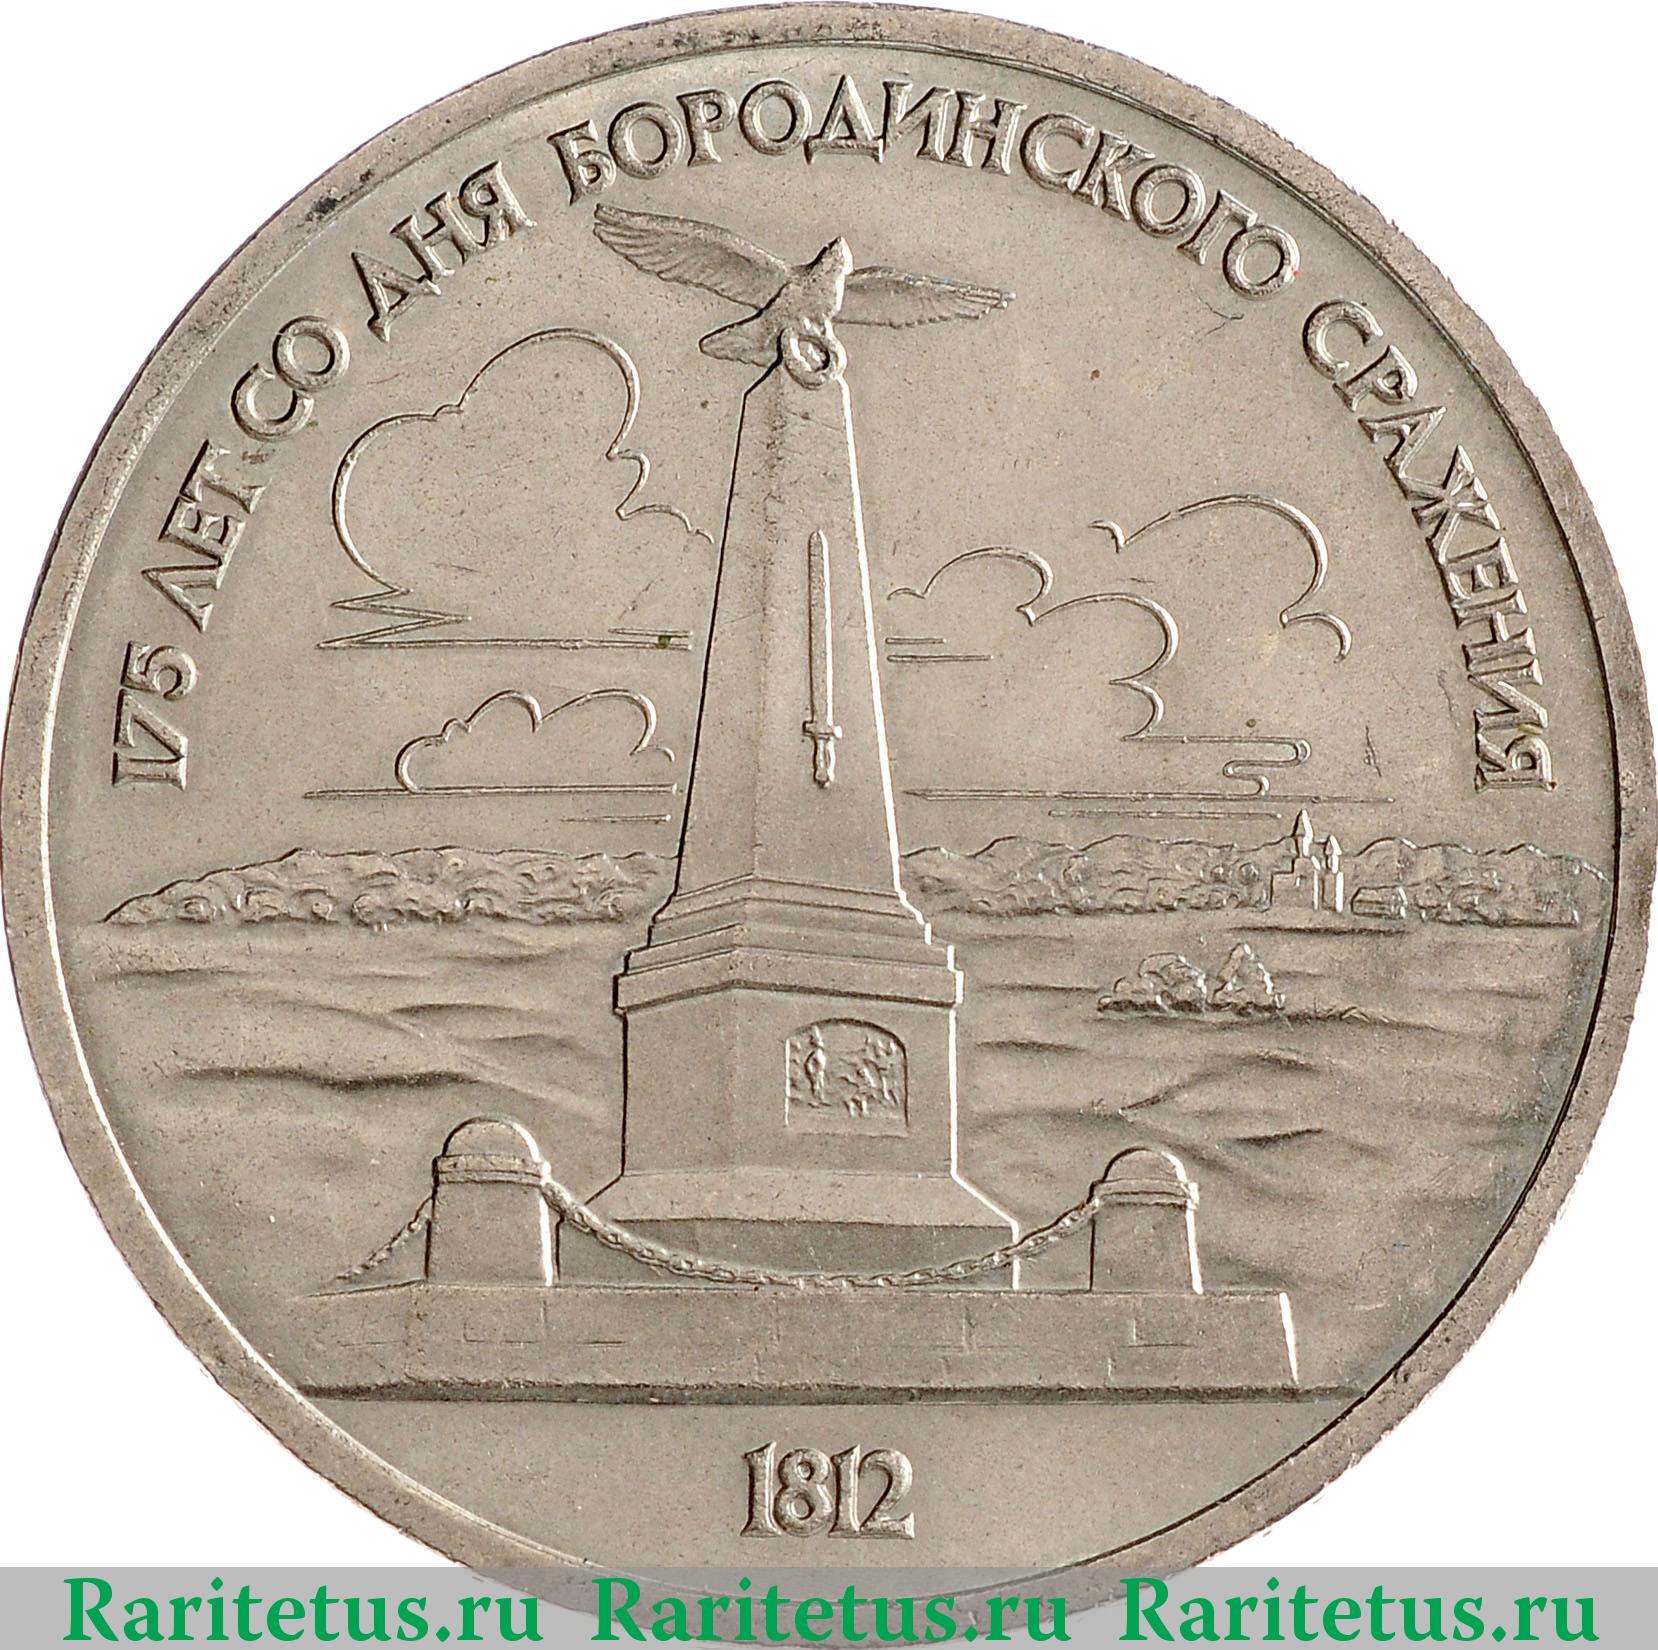 Монета 1 рубль бородинское сражение цена монеты 1994 года стоимость